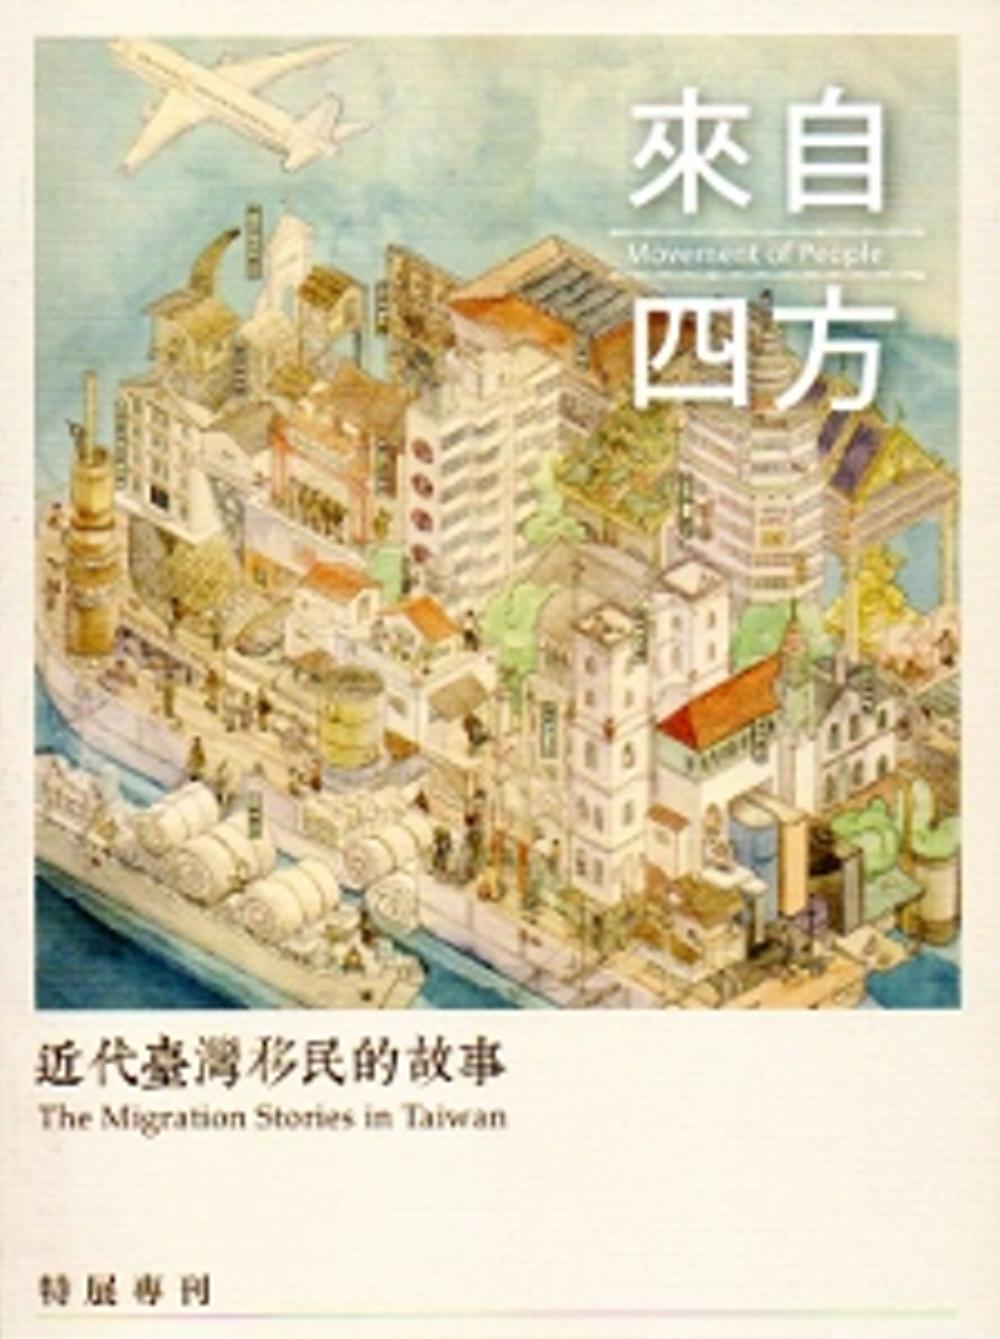 來自四方:近代臺灣移民的故事特展專刊